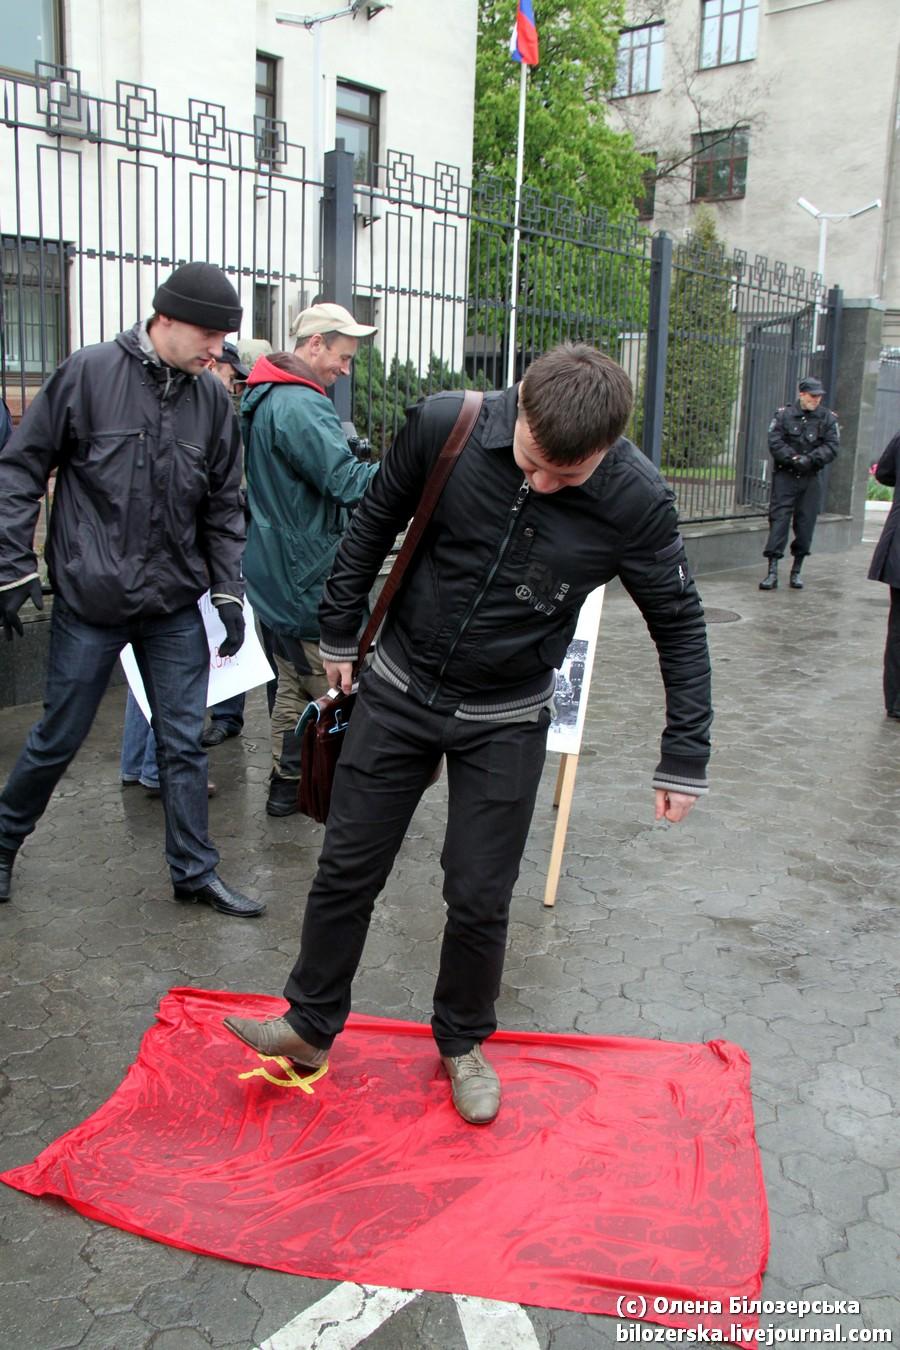 Во Львове запретили праздновать День Победы, а в Киеве топтались на Флаге Победы